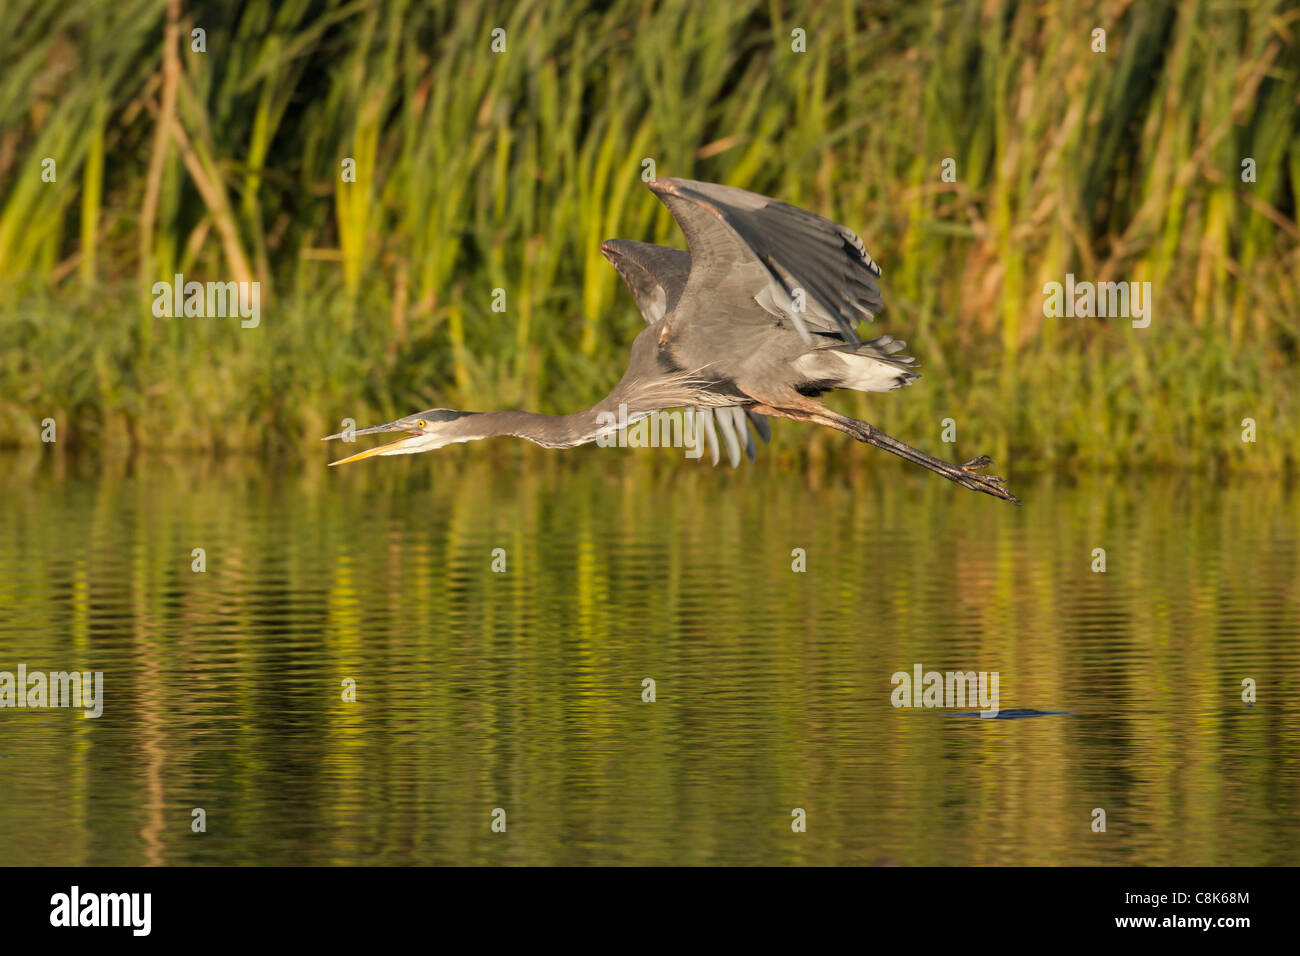 Great Blue Heron en vuelo sobre el lago Victoria, British Columbia, Canadá. Foto de stock